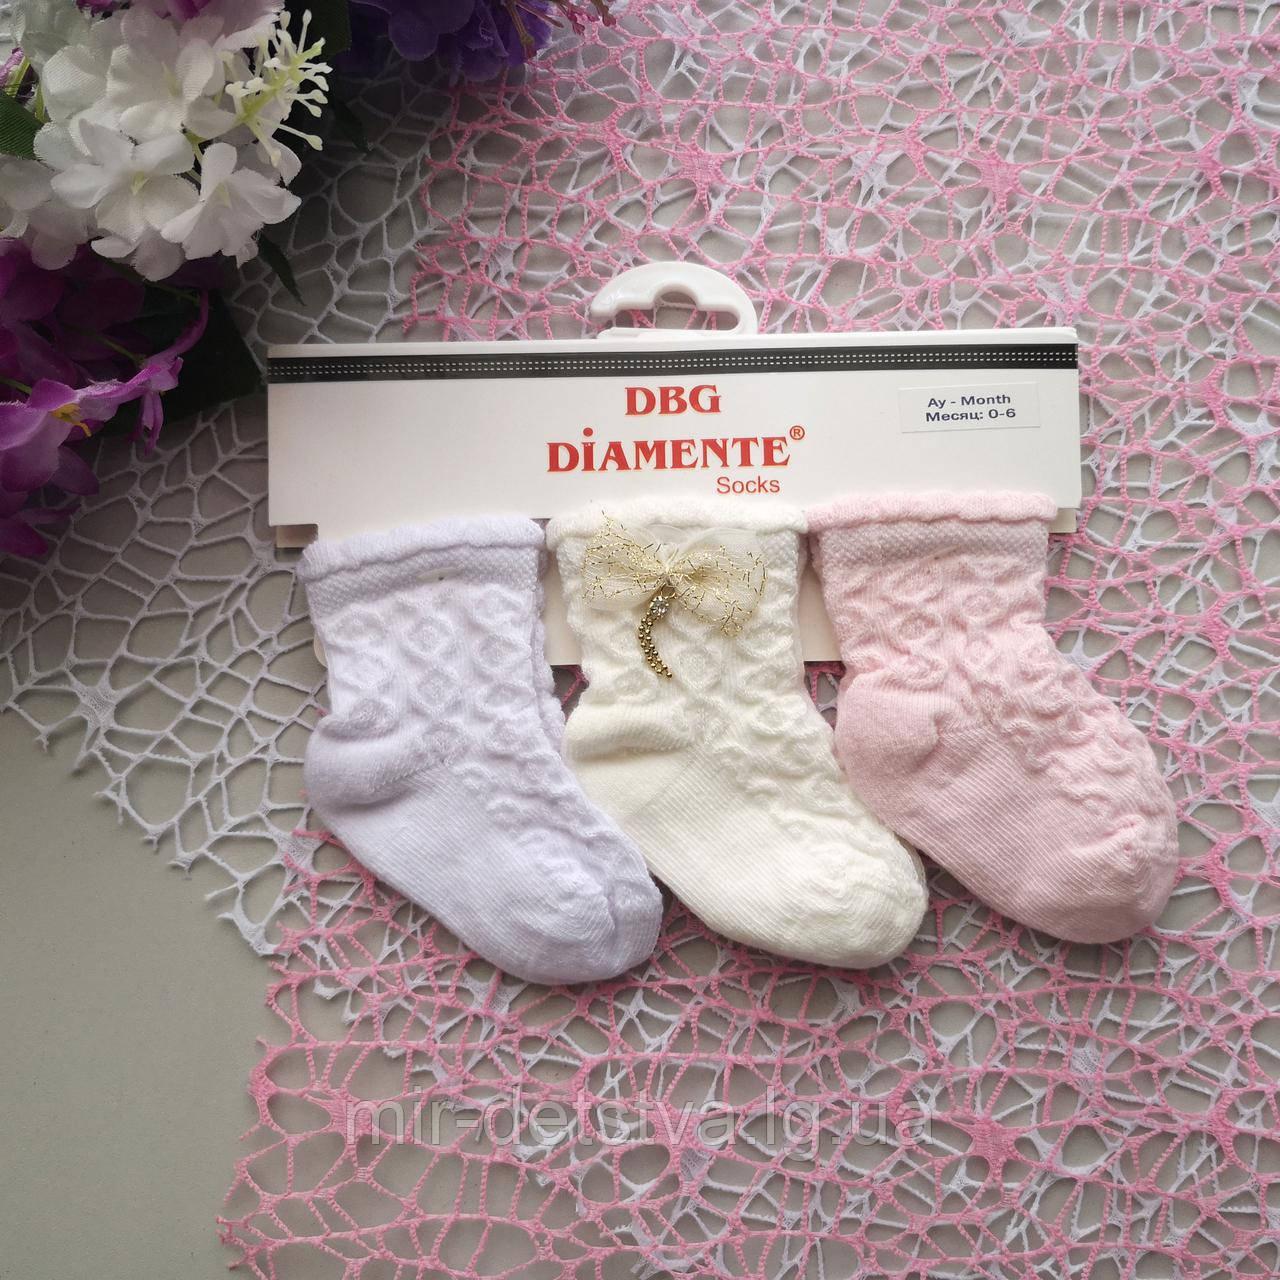 Ажурные носочки для девочек оптом TM DBG, Турция р.12-18 мес